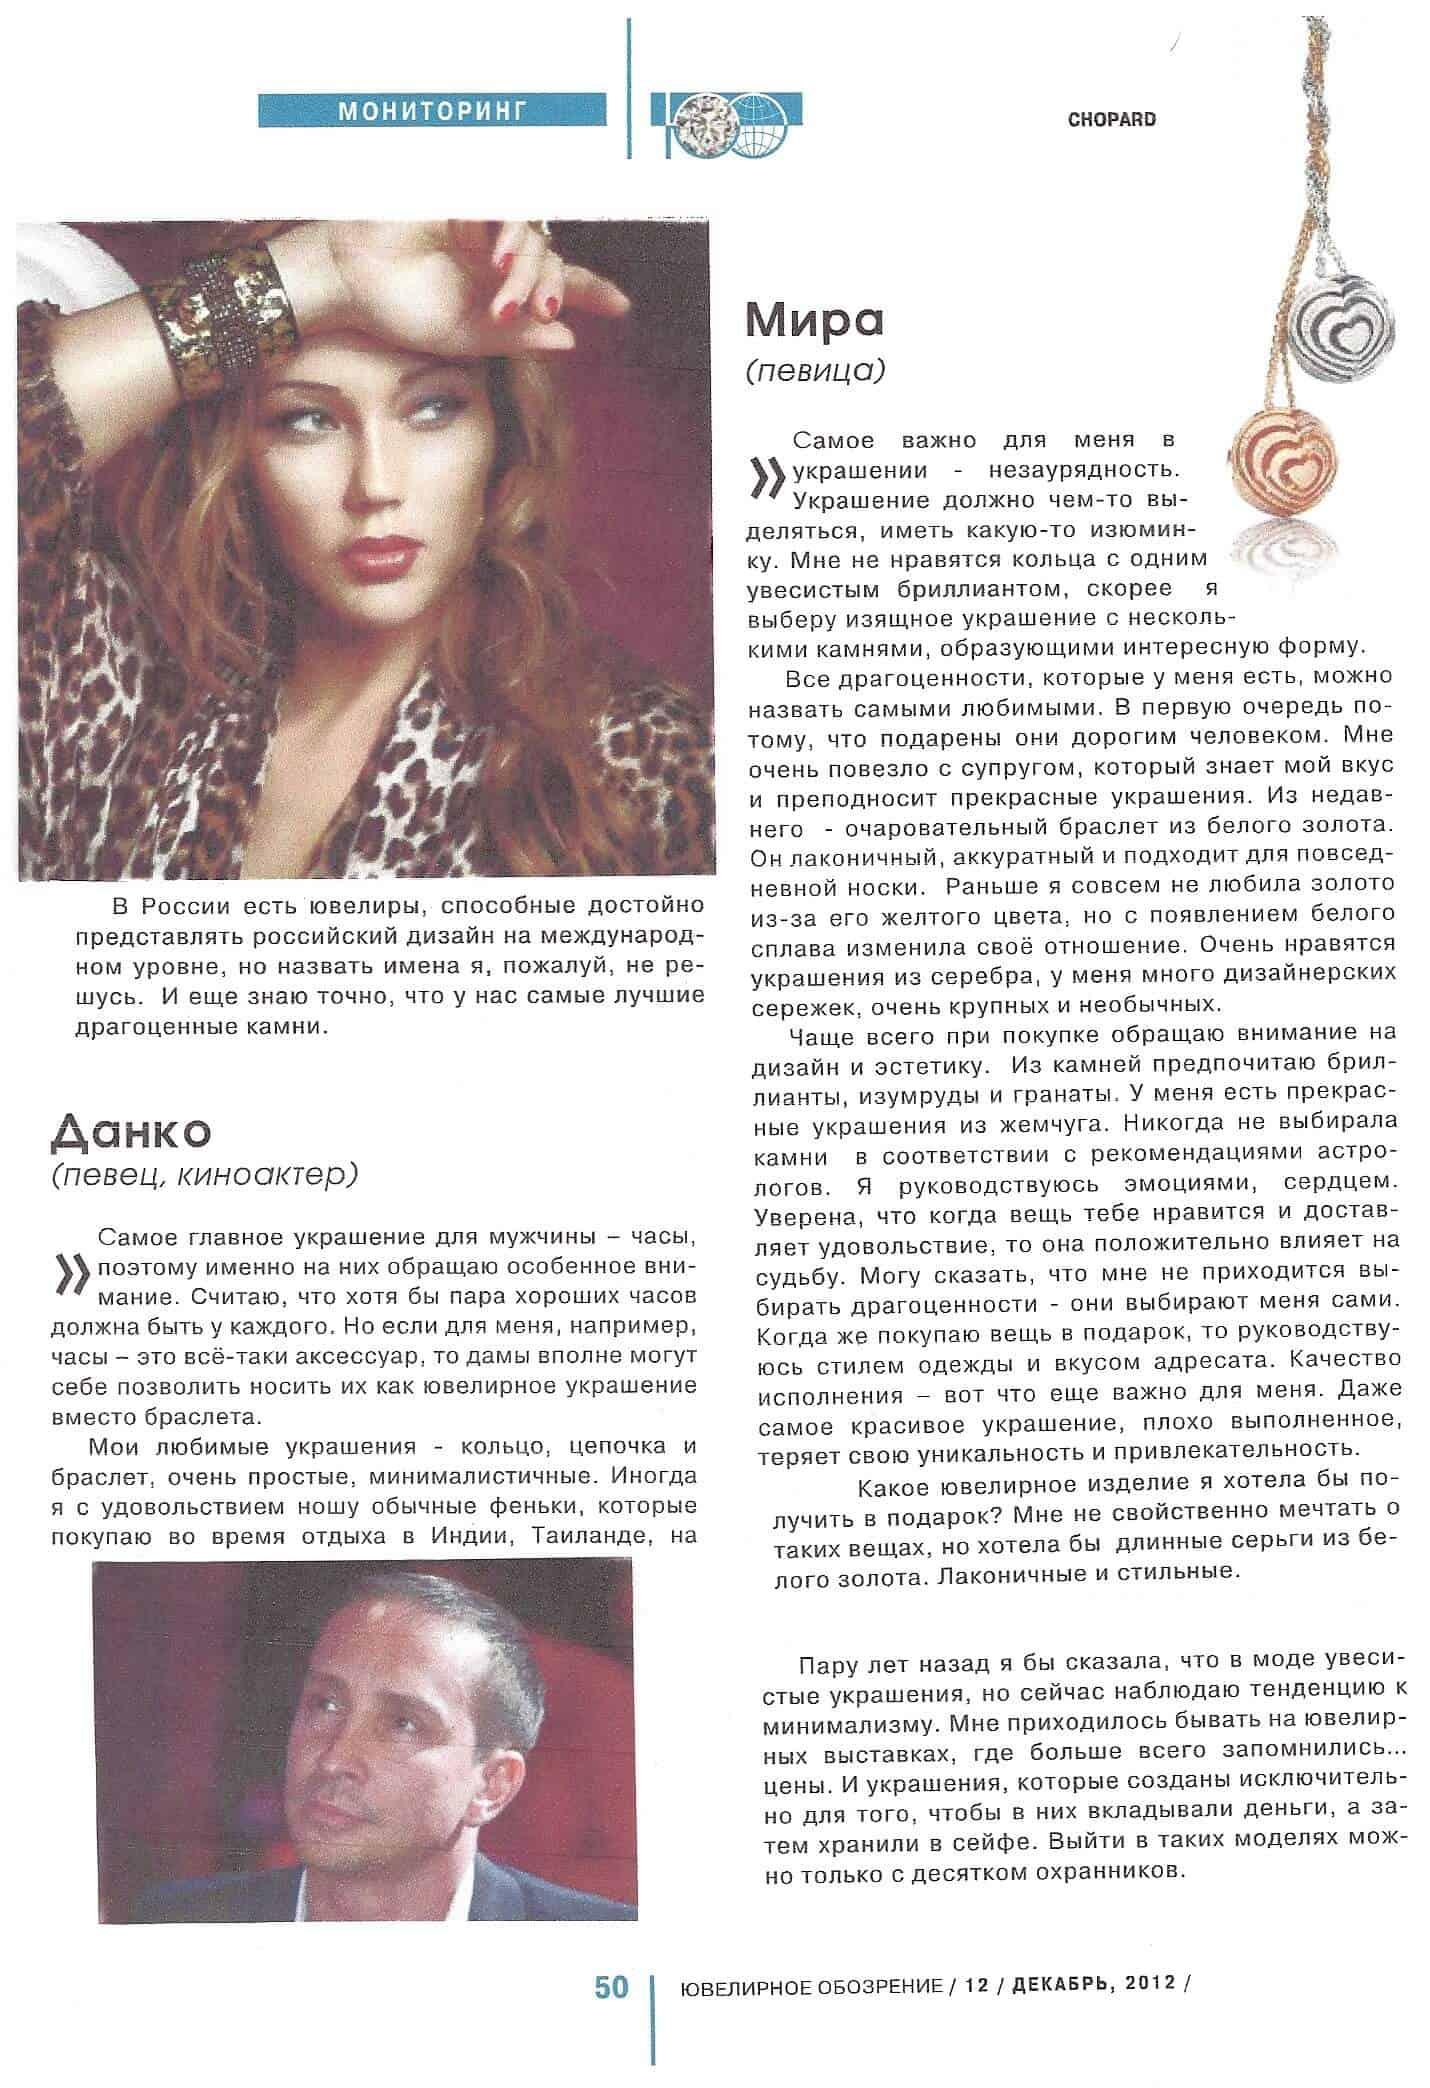 """Мира для журнала """"Ювелирное обозрение"""""""